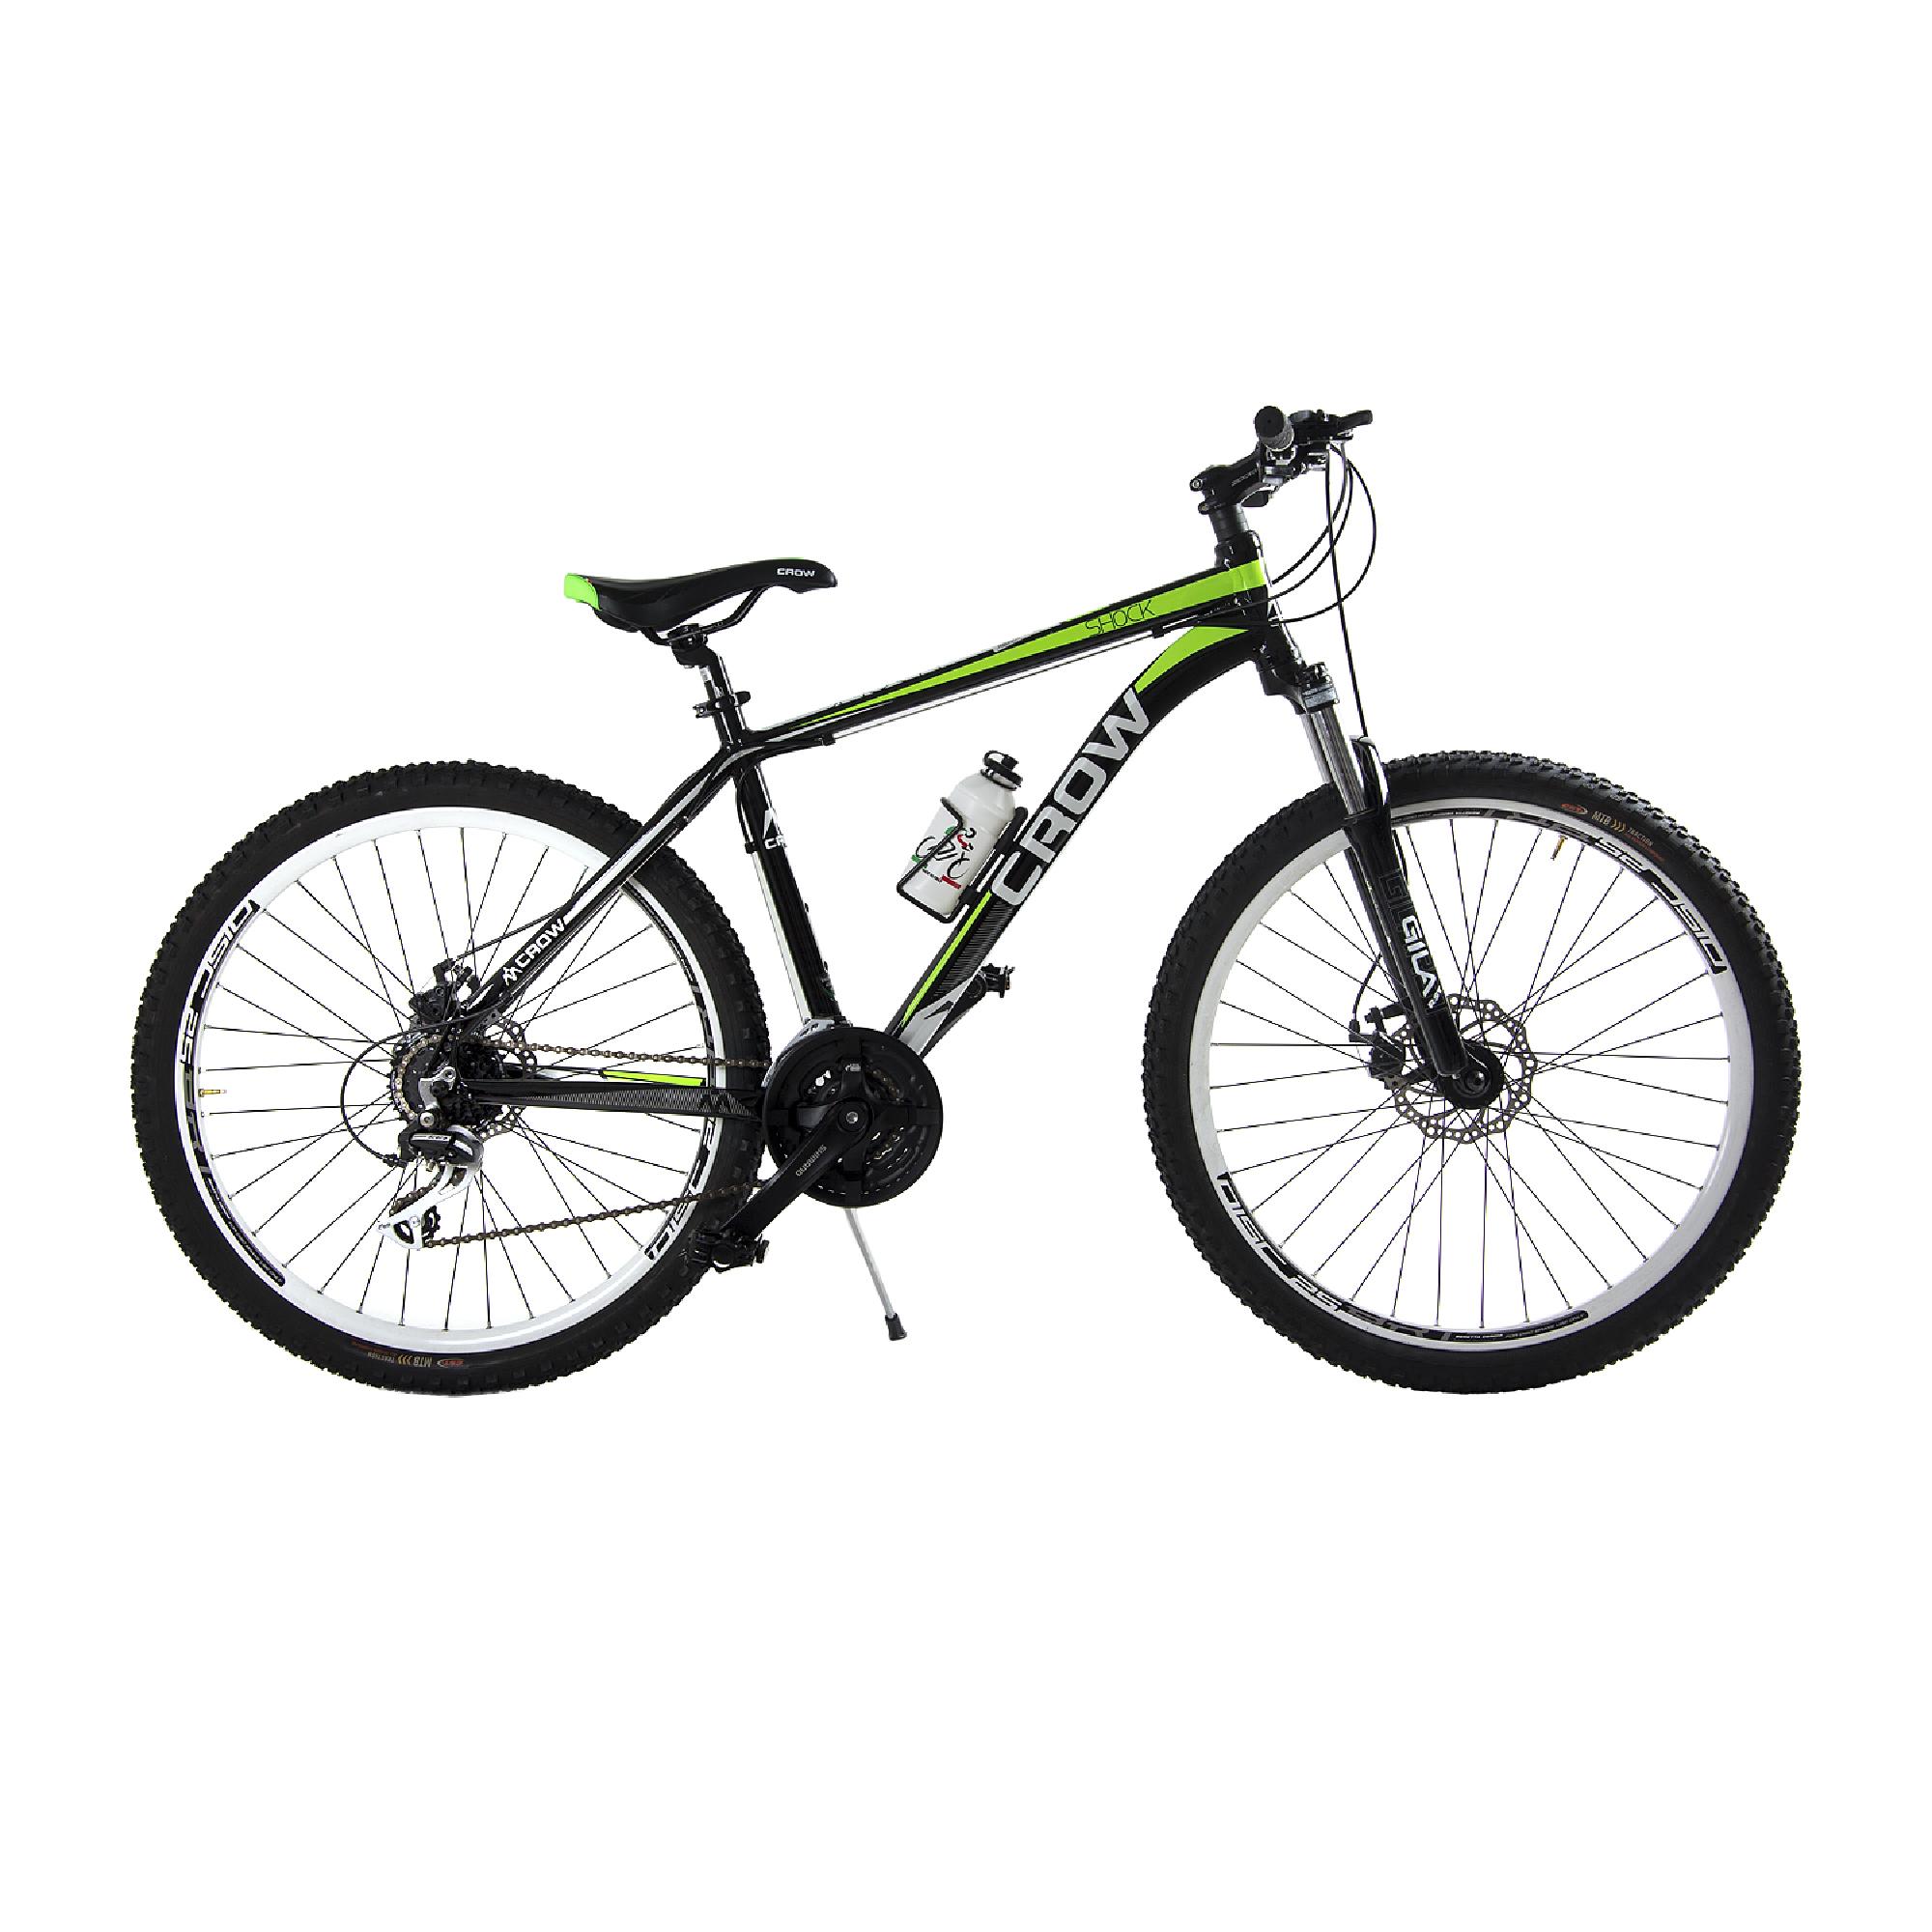 Купить Велосипед 24v 29 Casadei crow acera, Италия